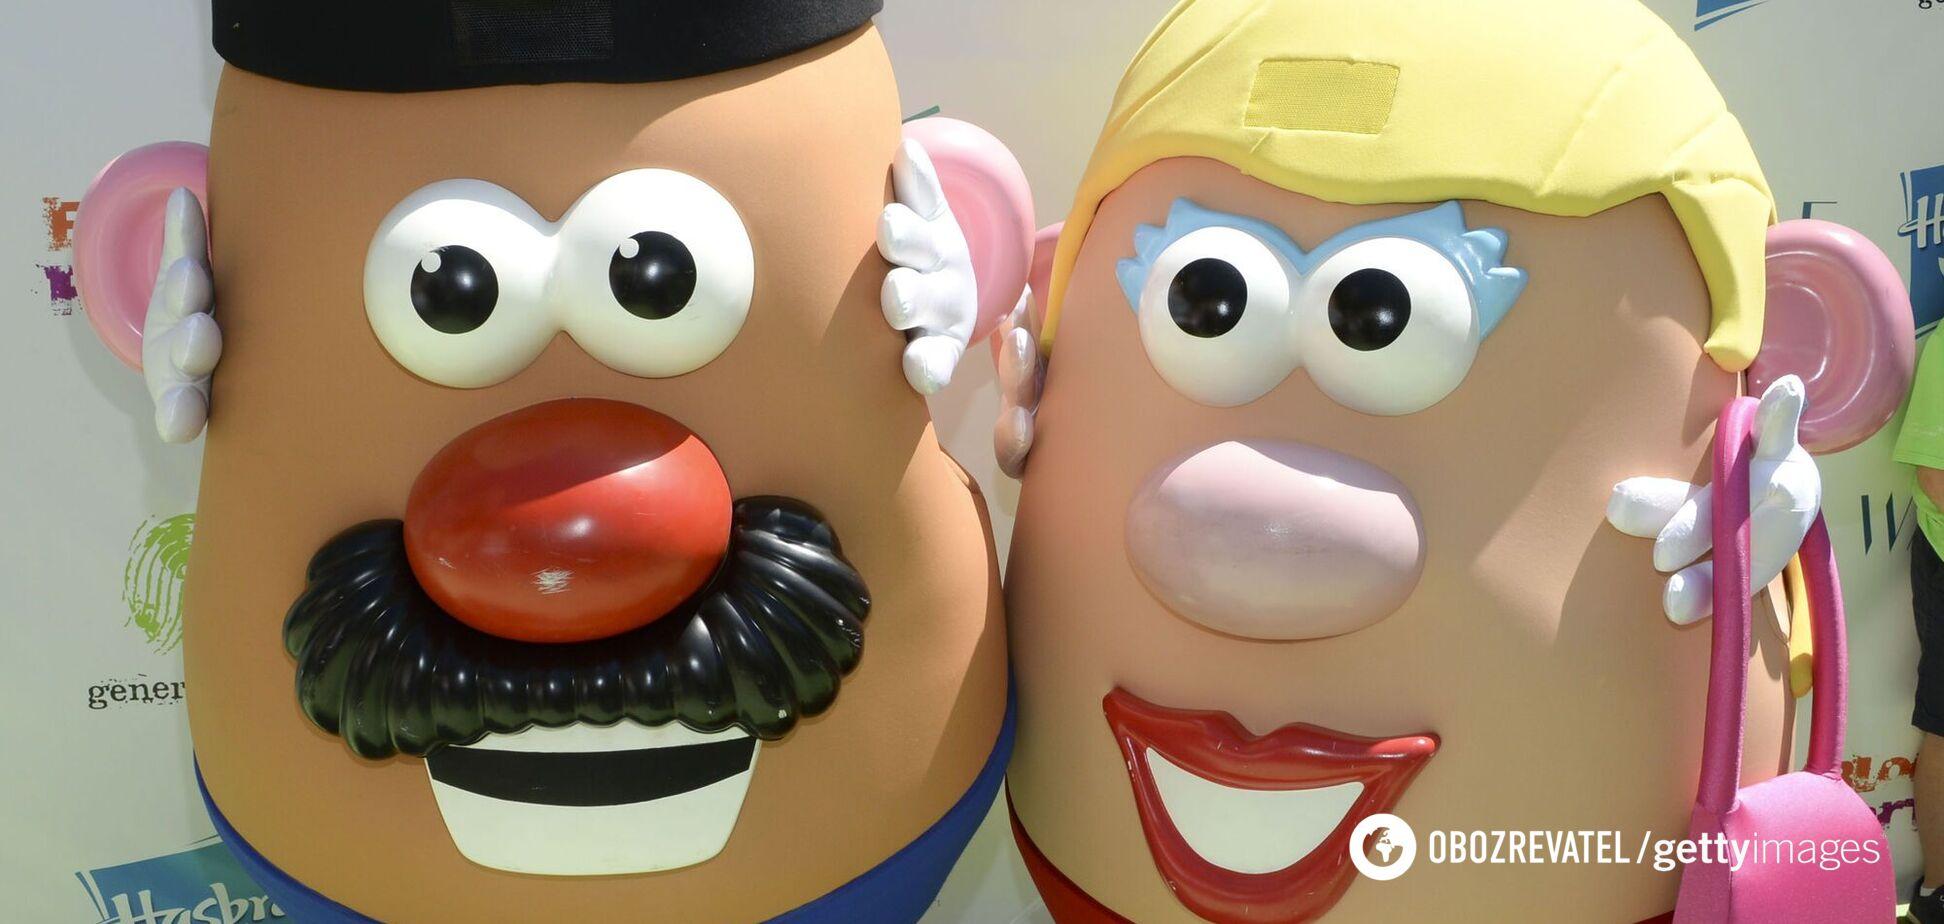 Популярна іграшкова картопля Hasbro стала гендерно-нейтральною